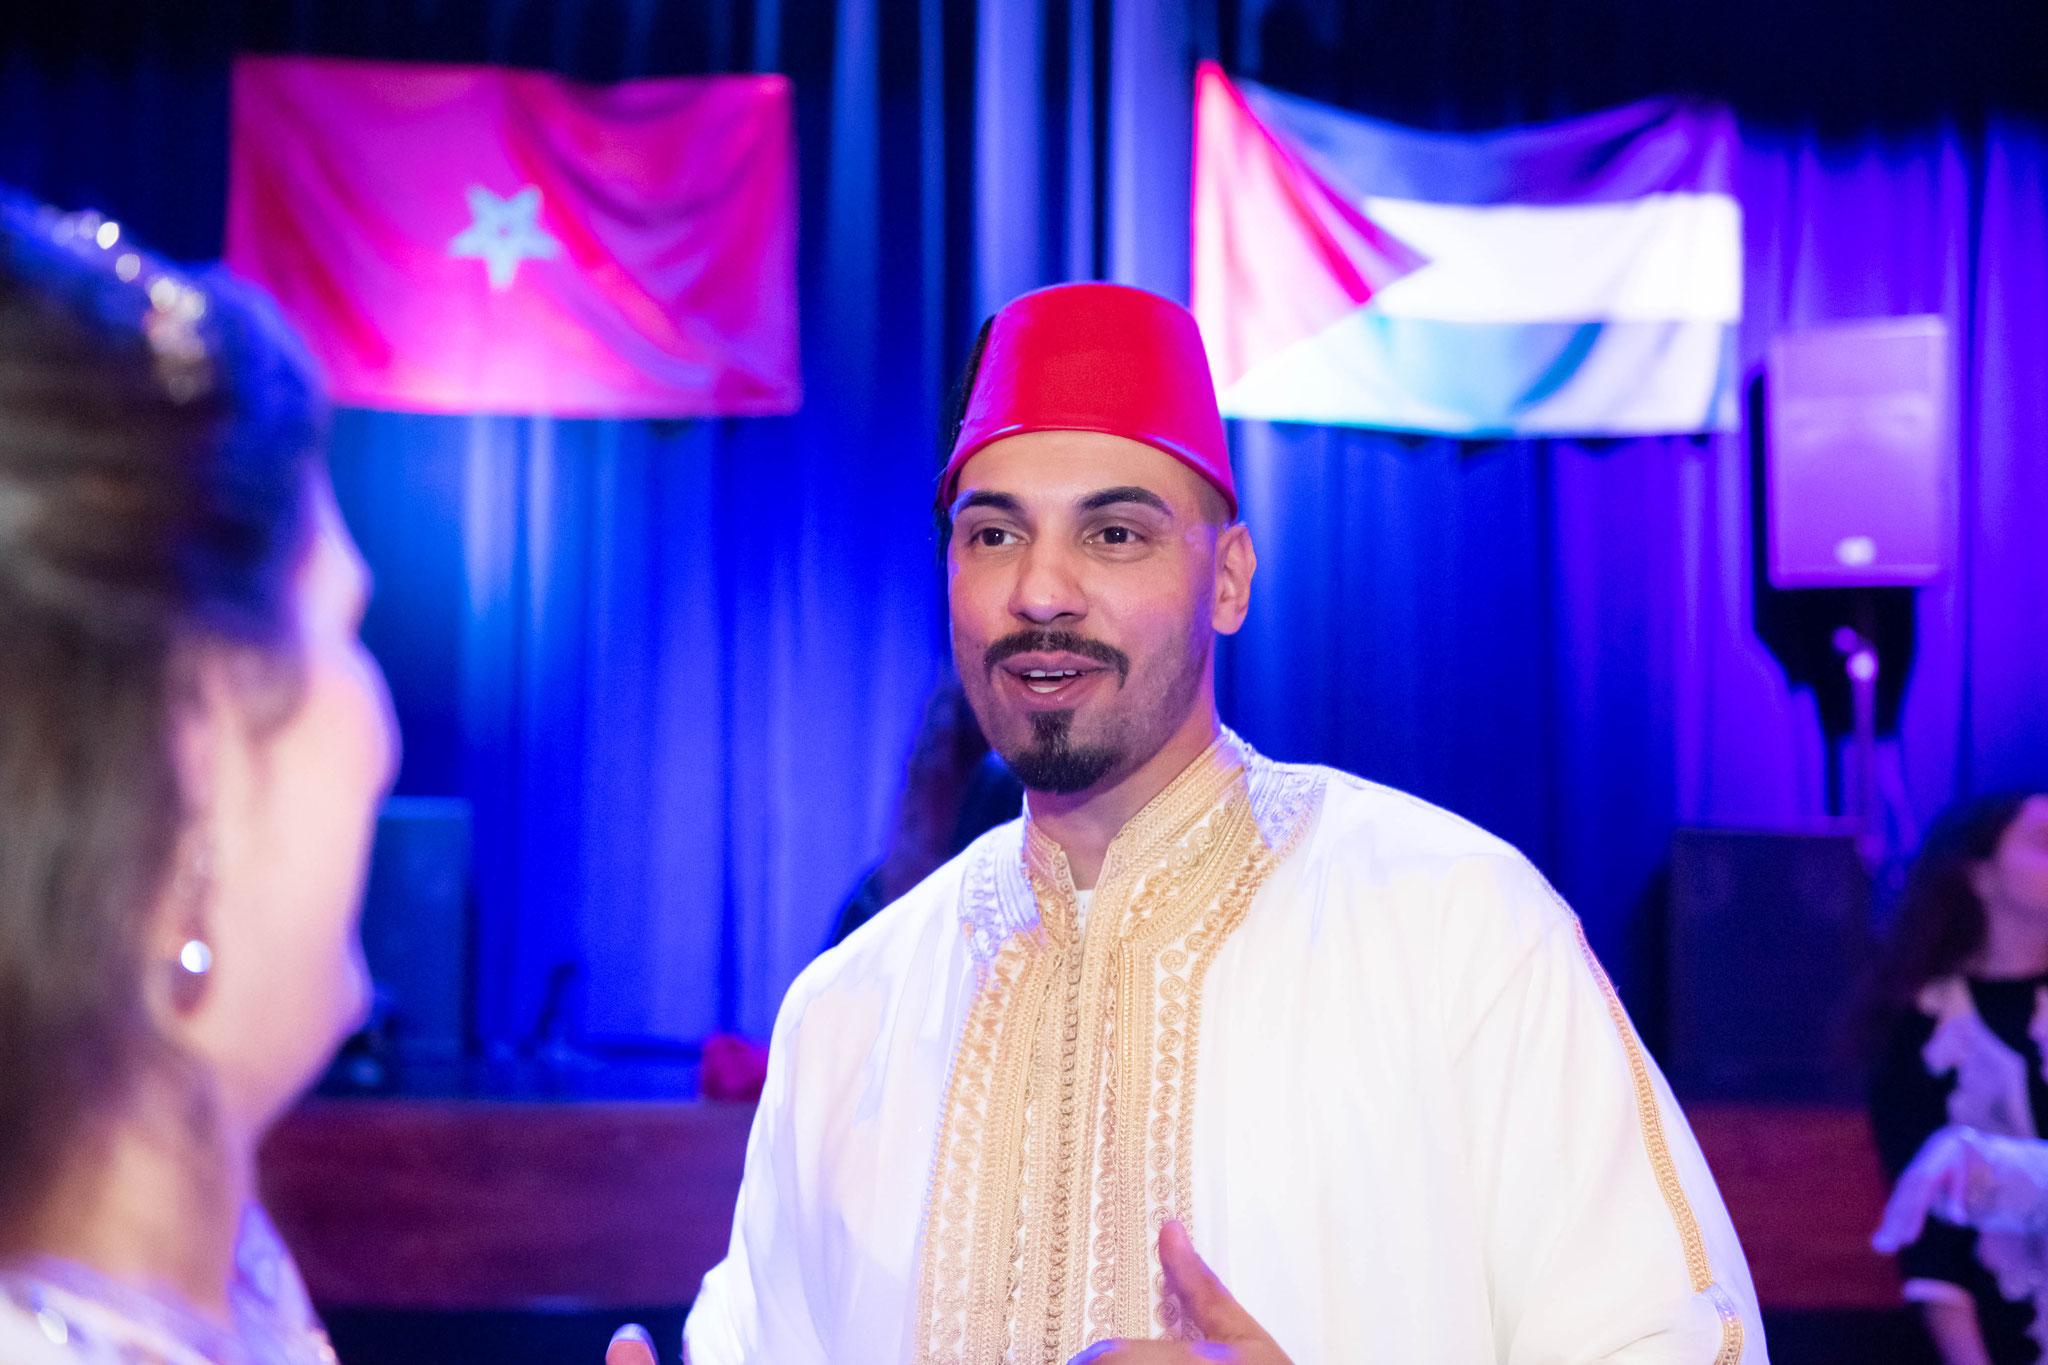 Professioneller Fotograf für Marokkanische Hochzeiten in Darmstadt und Deutschlandweit